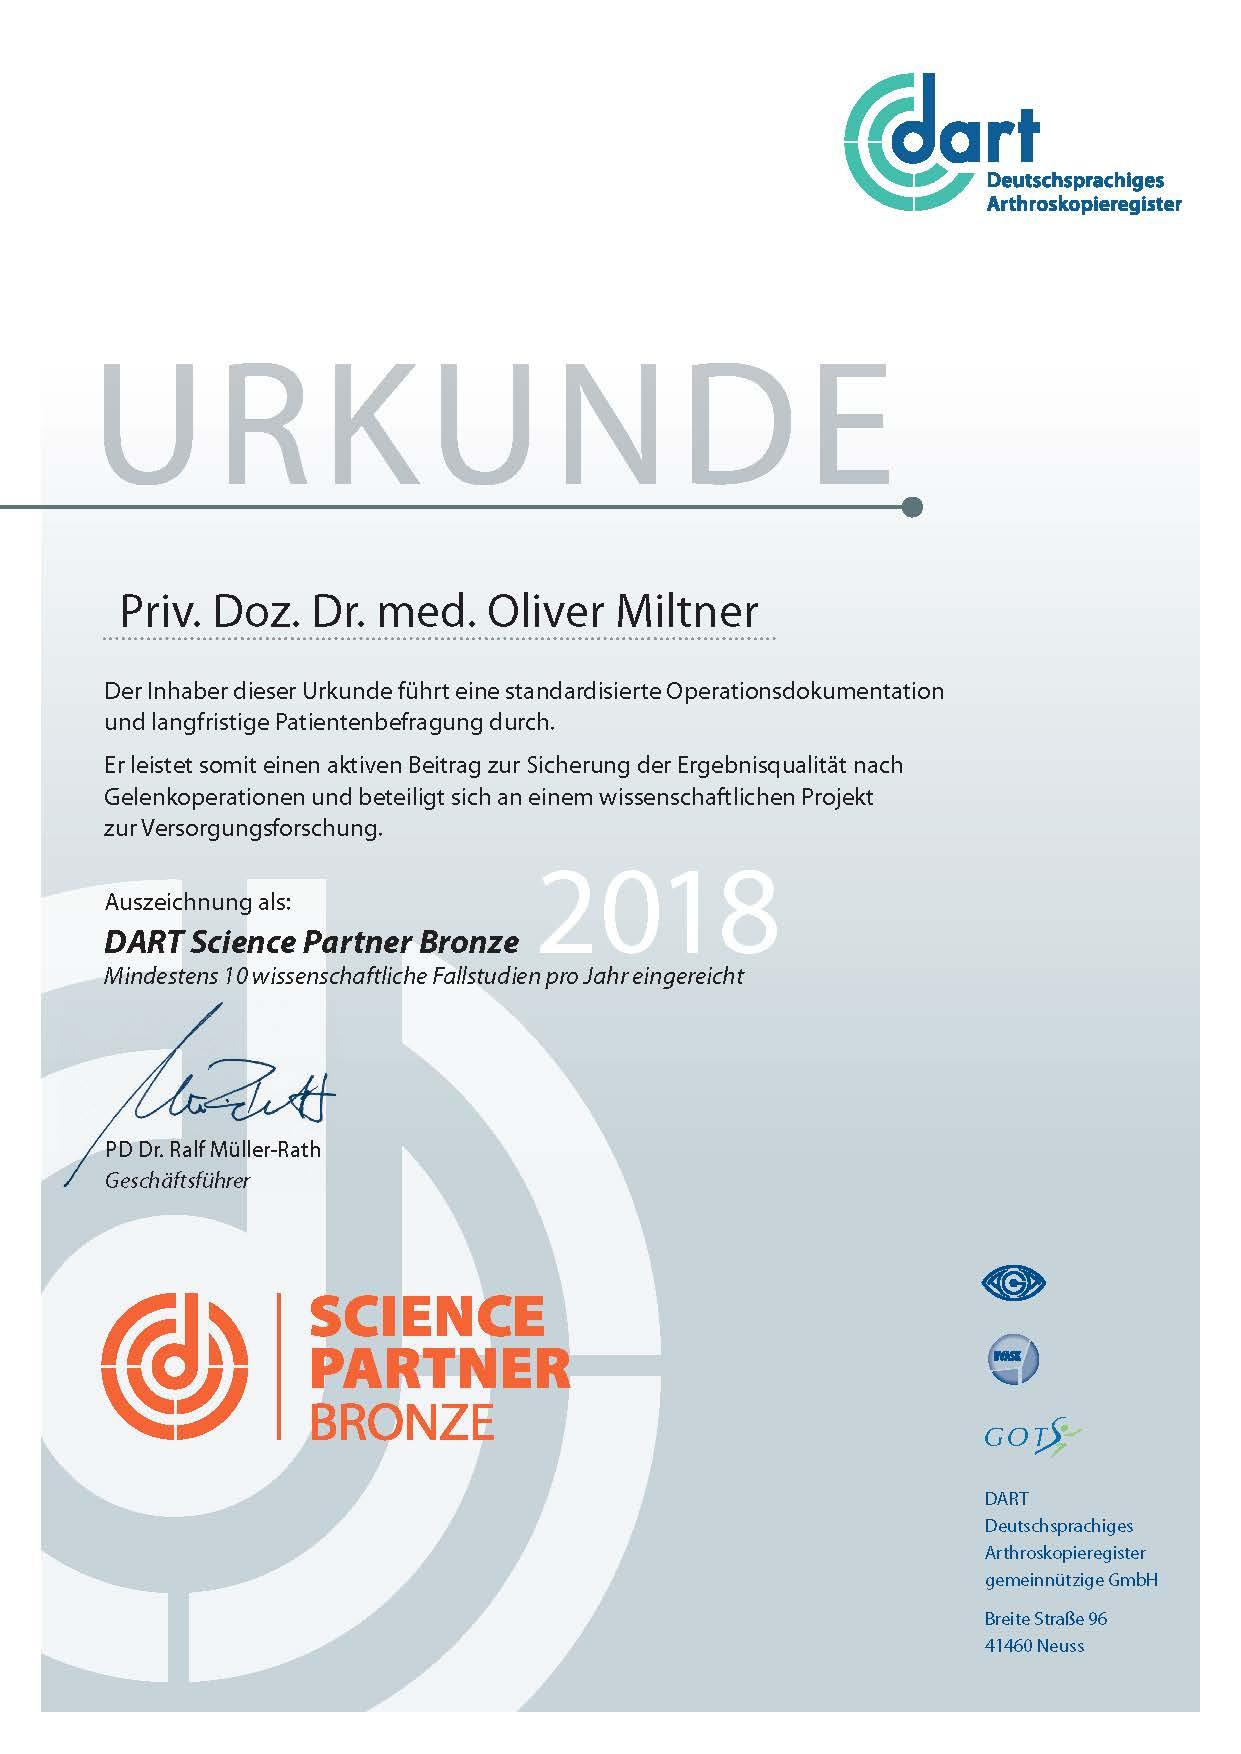 Science Partner 2018